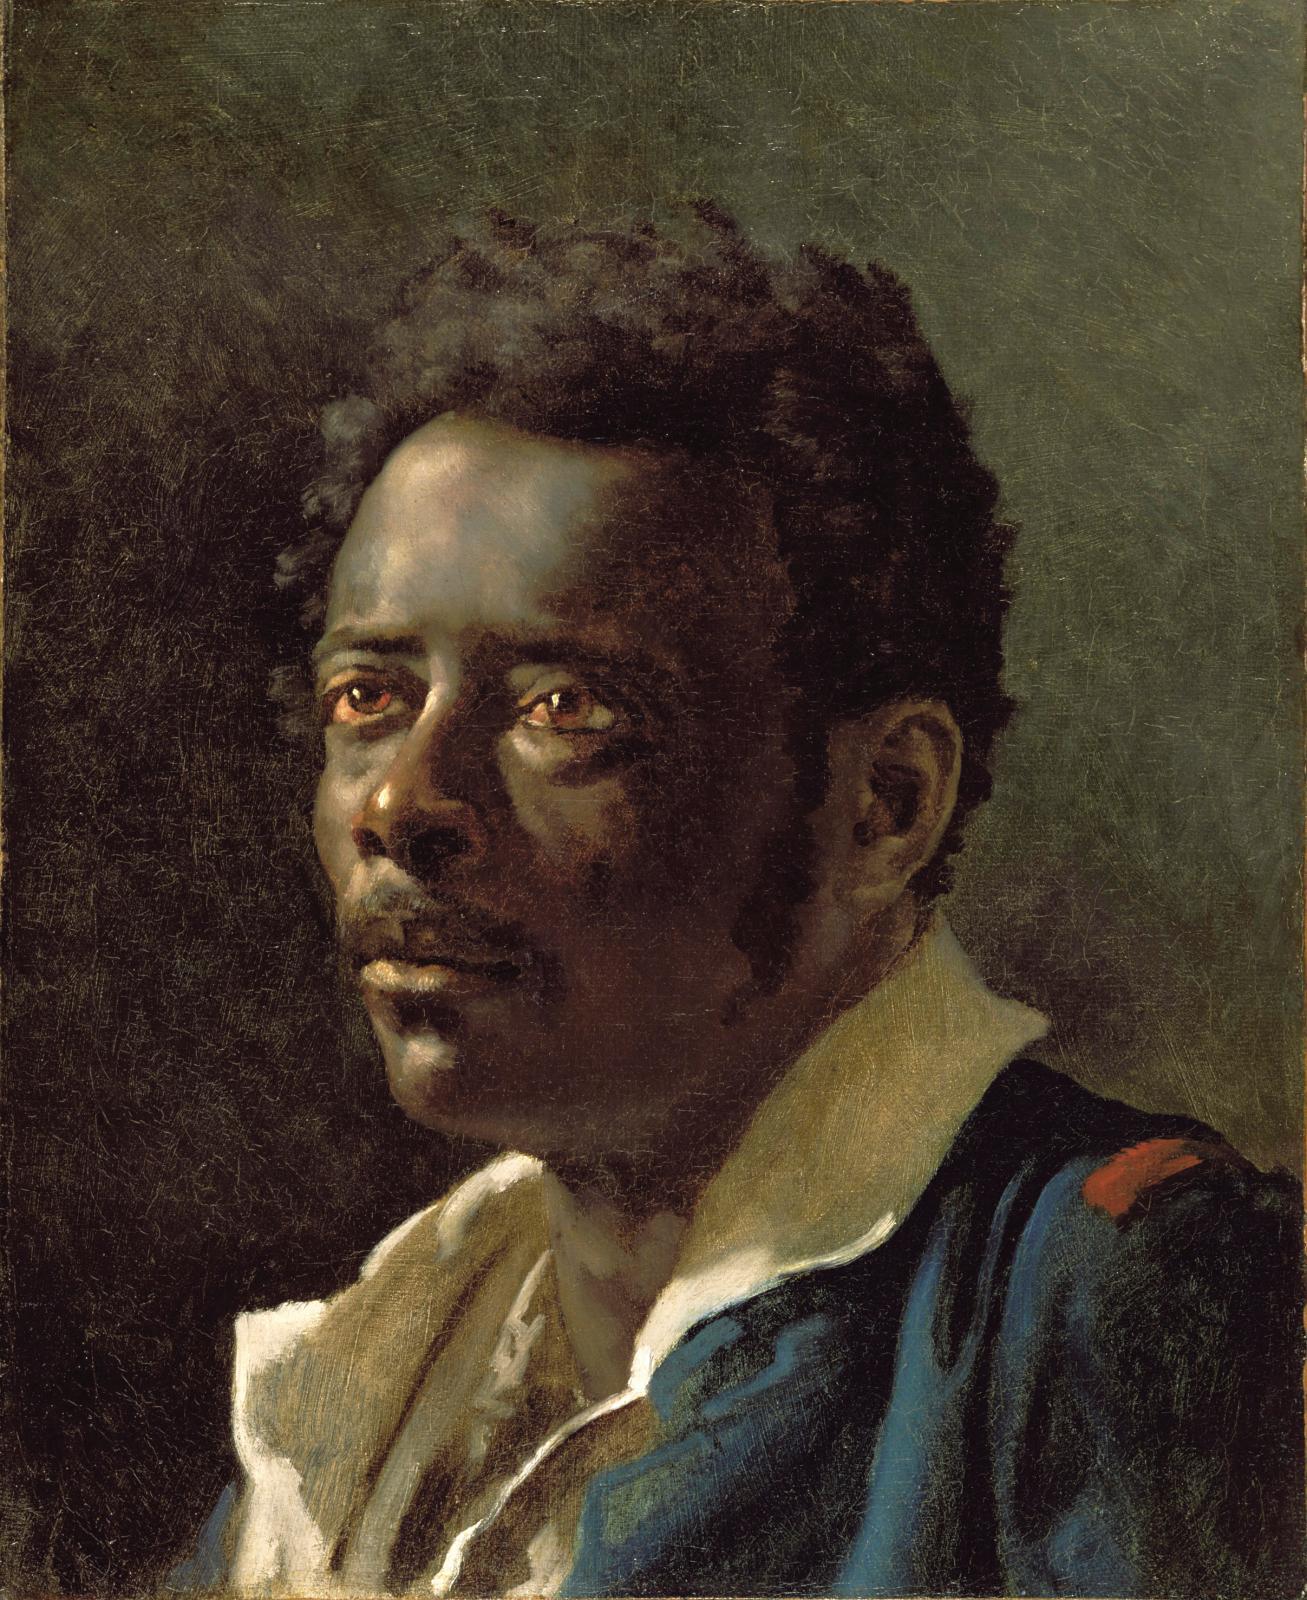 Théodore Géricault (1791-1824), Étude d'homme, d'après le modèle Joseph, vers 1818-1819, dit aussi Le Nègre Joseph, huile sur toile, 47x38,7cm.